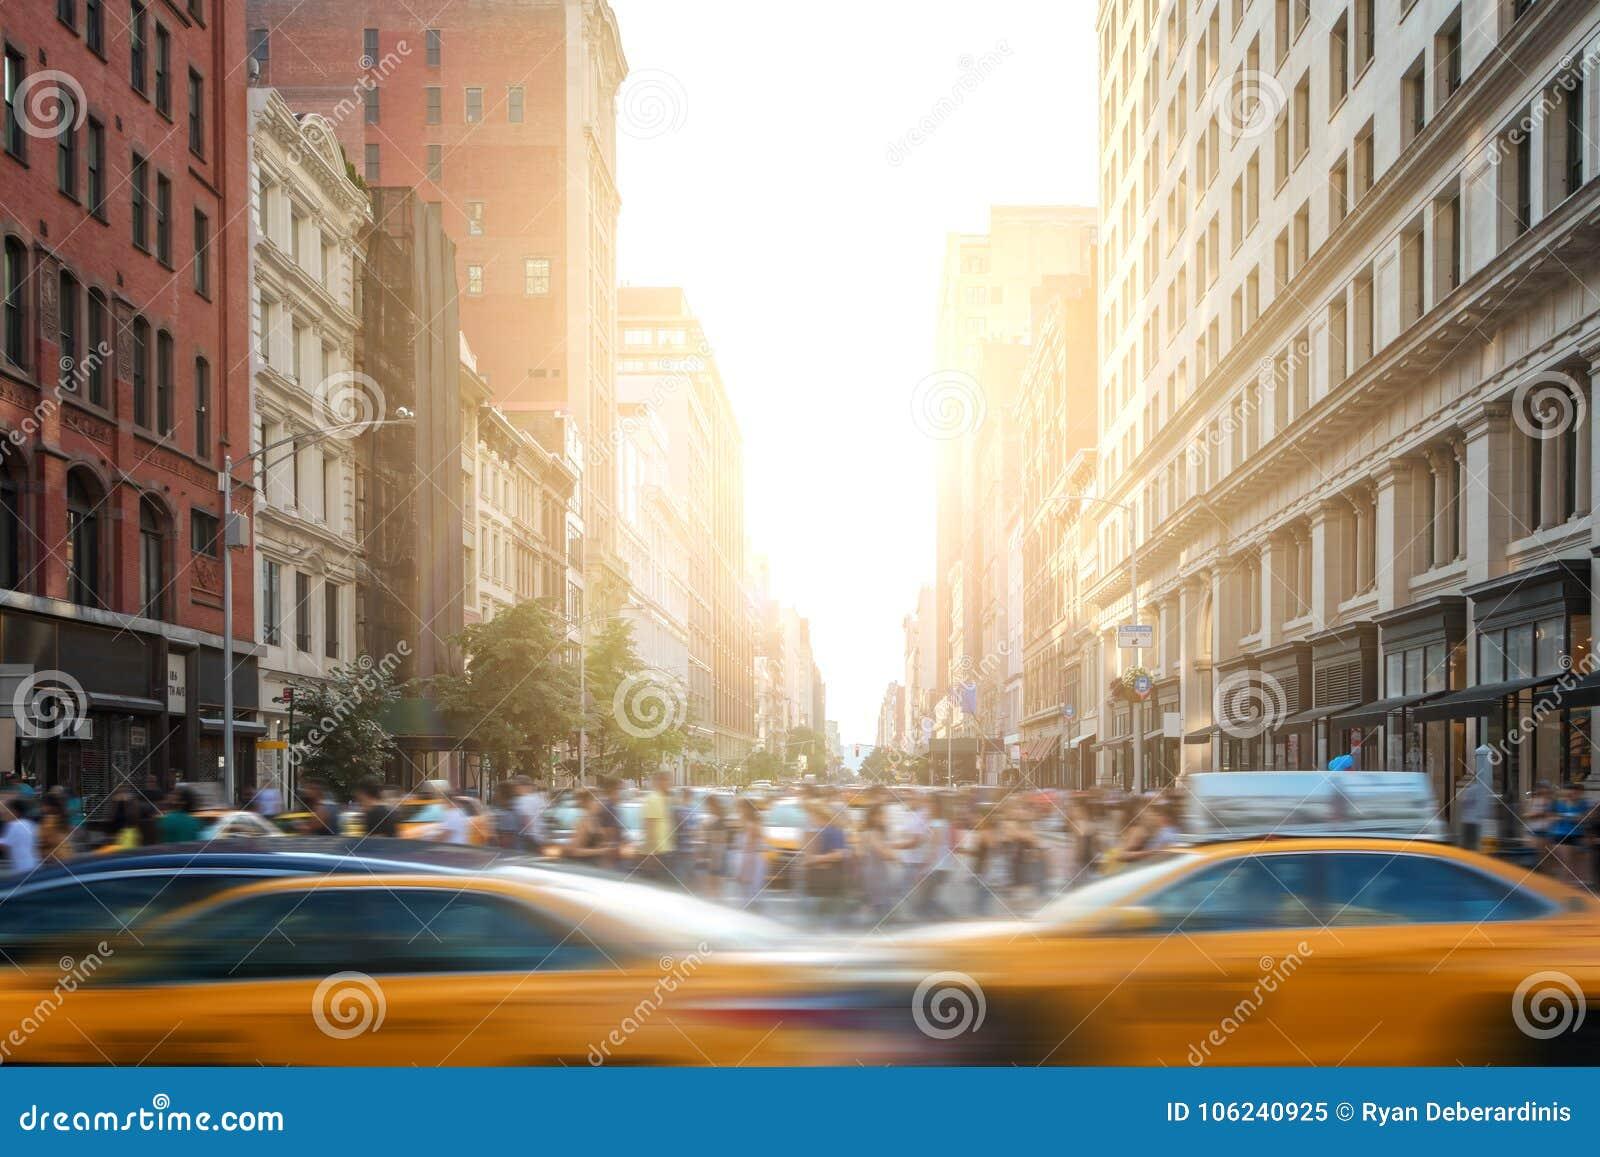 Με γρήγορο ρυθμό ζωή στη σκηνή οδών πόλεων της Νέας Υόρκης με τα αμάξια που οδηγούν κάτω από τη 5η λεωφόρο και τα πλήθη των ανθρώ